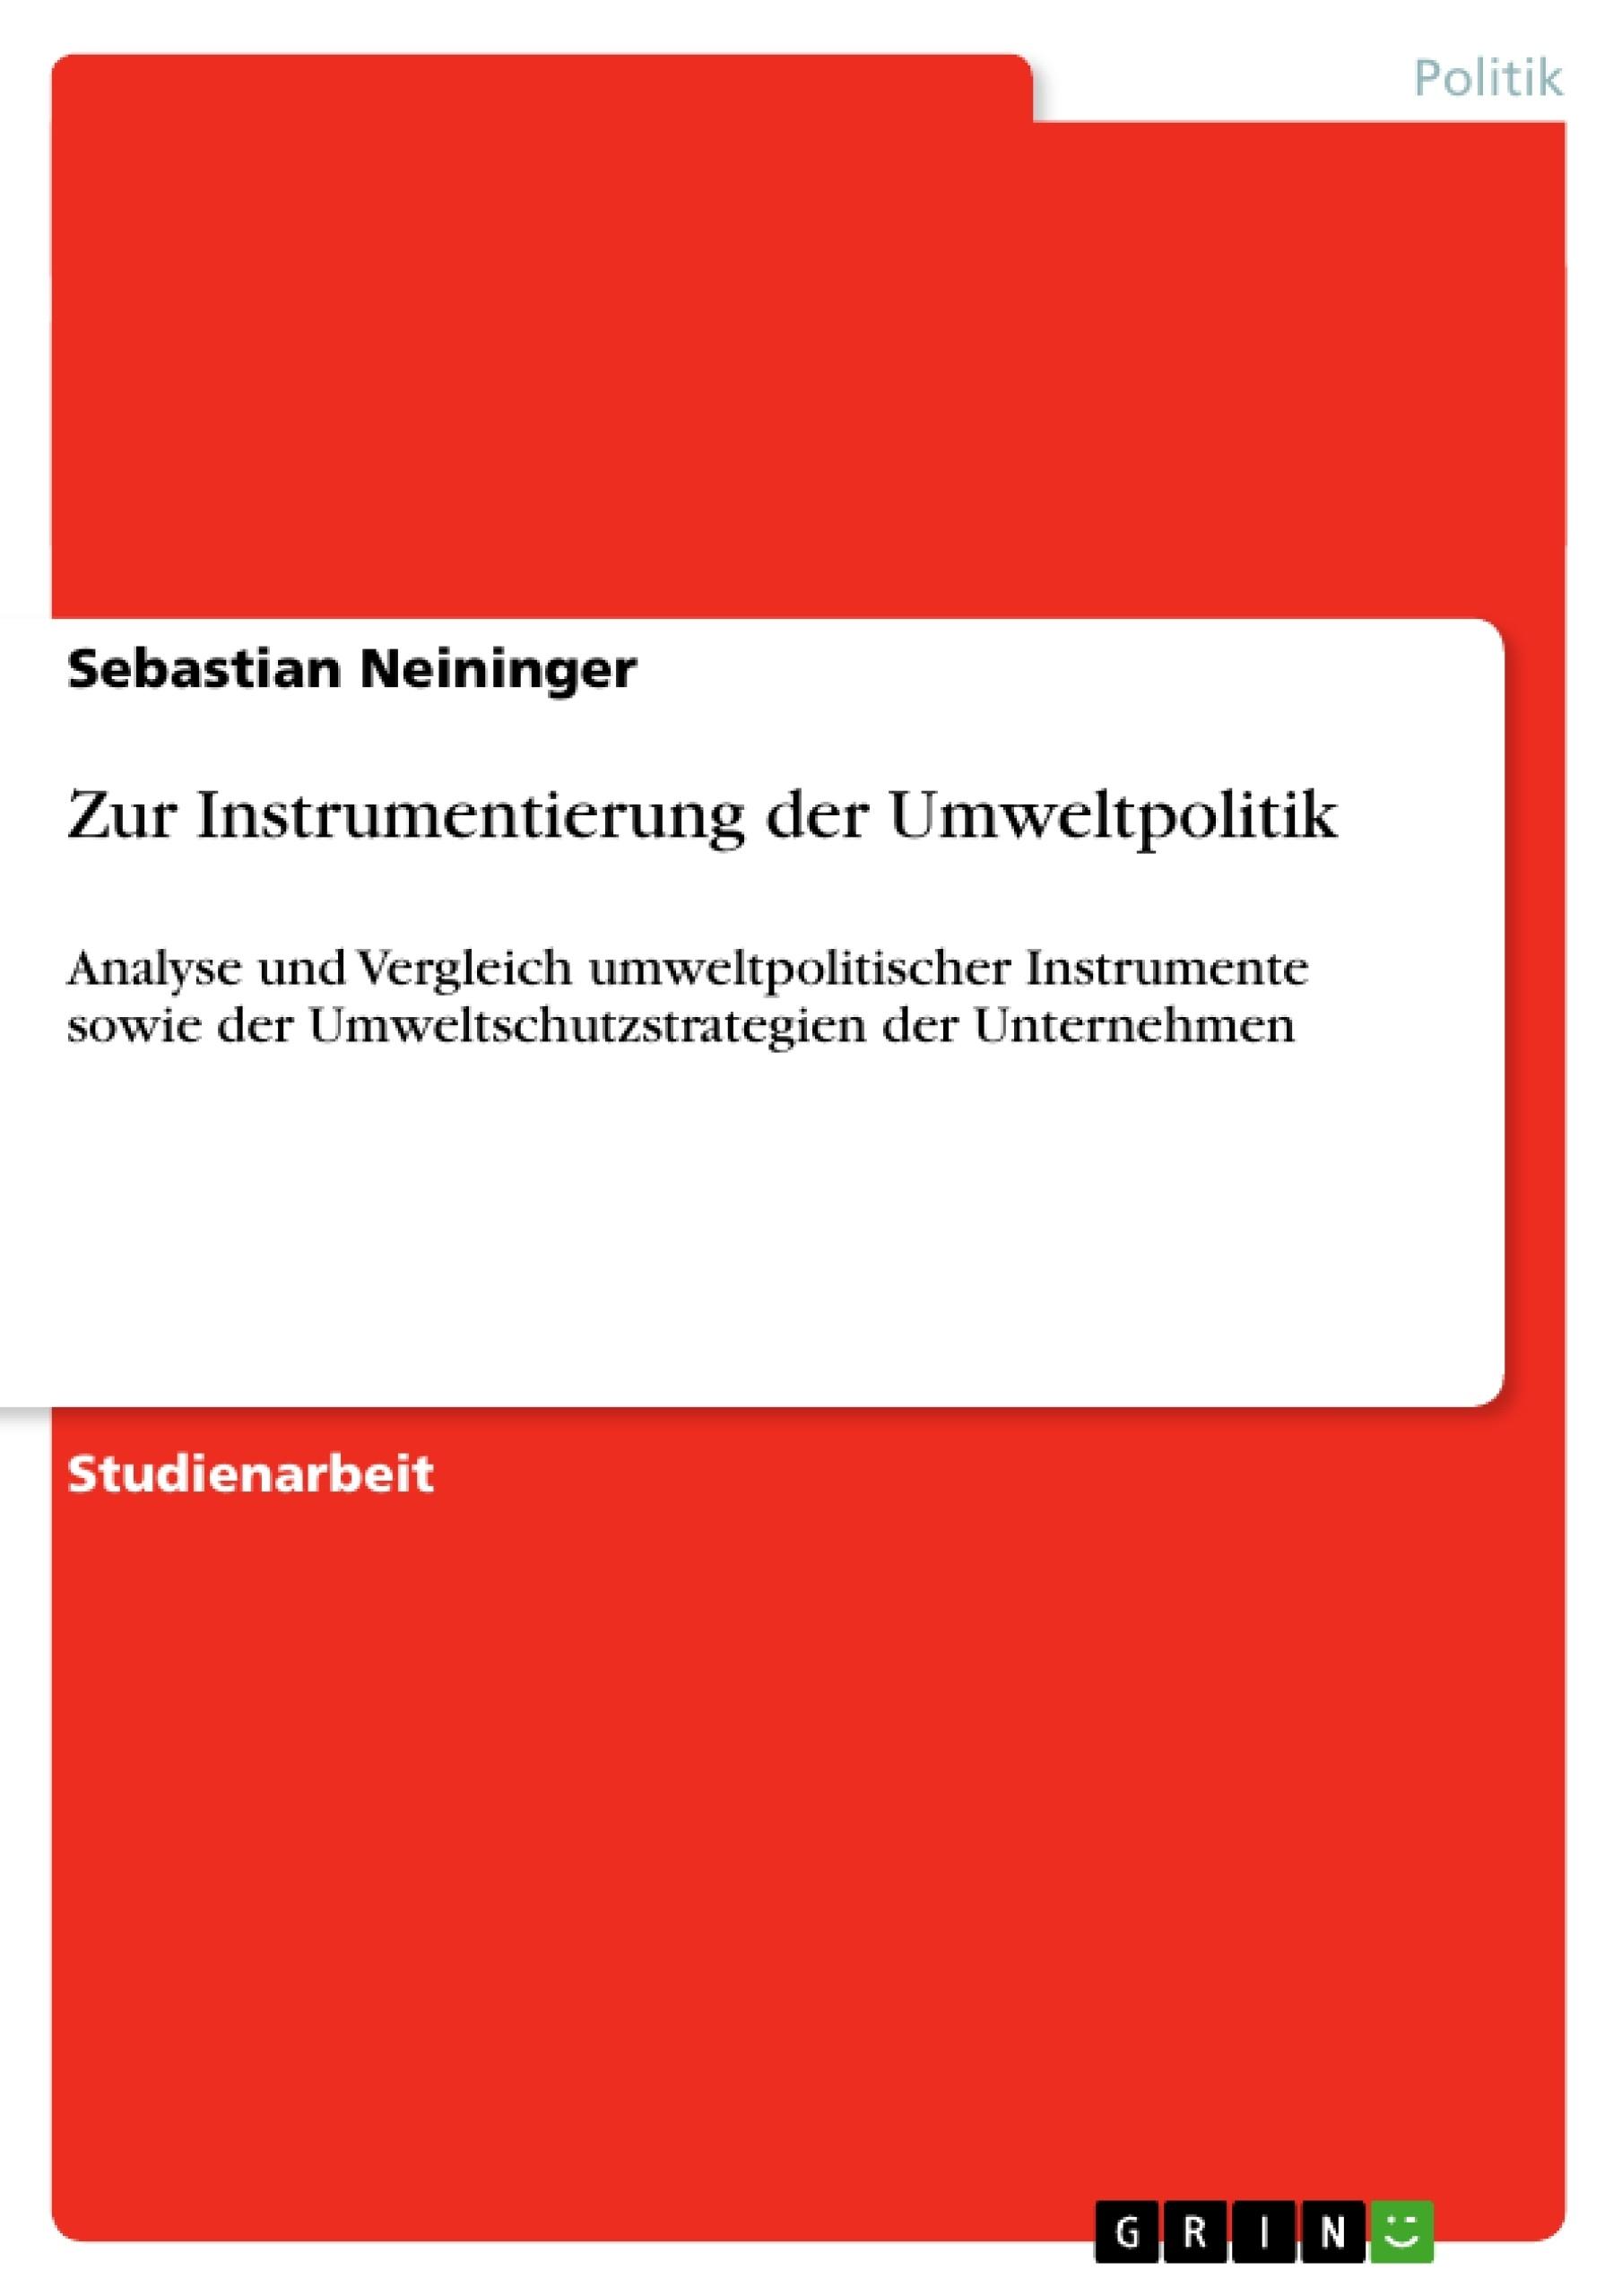 Titel: Zur Instrumentierung der Umweltpolitik